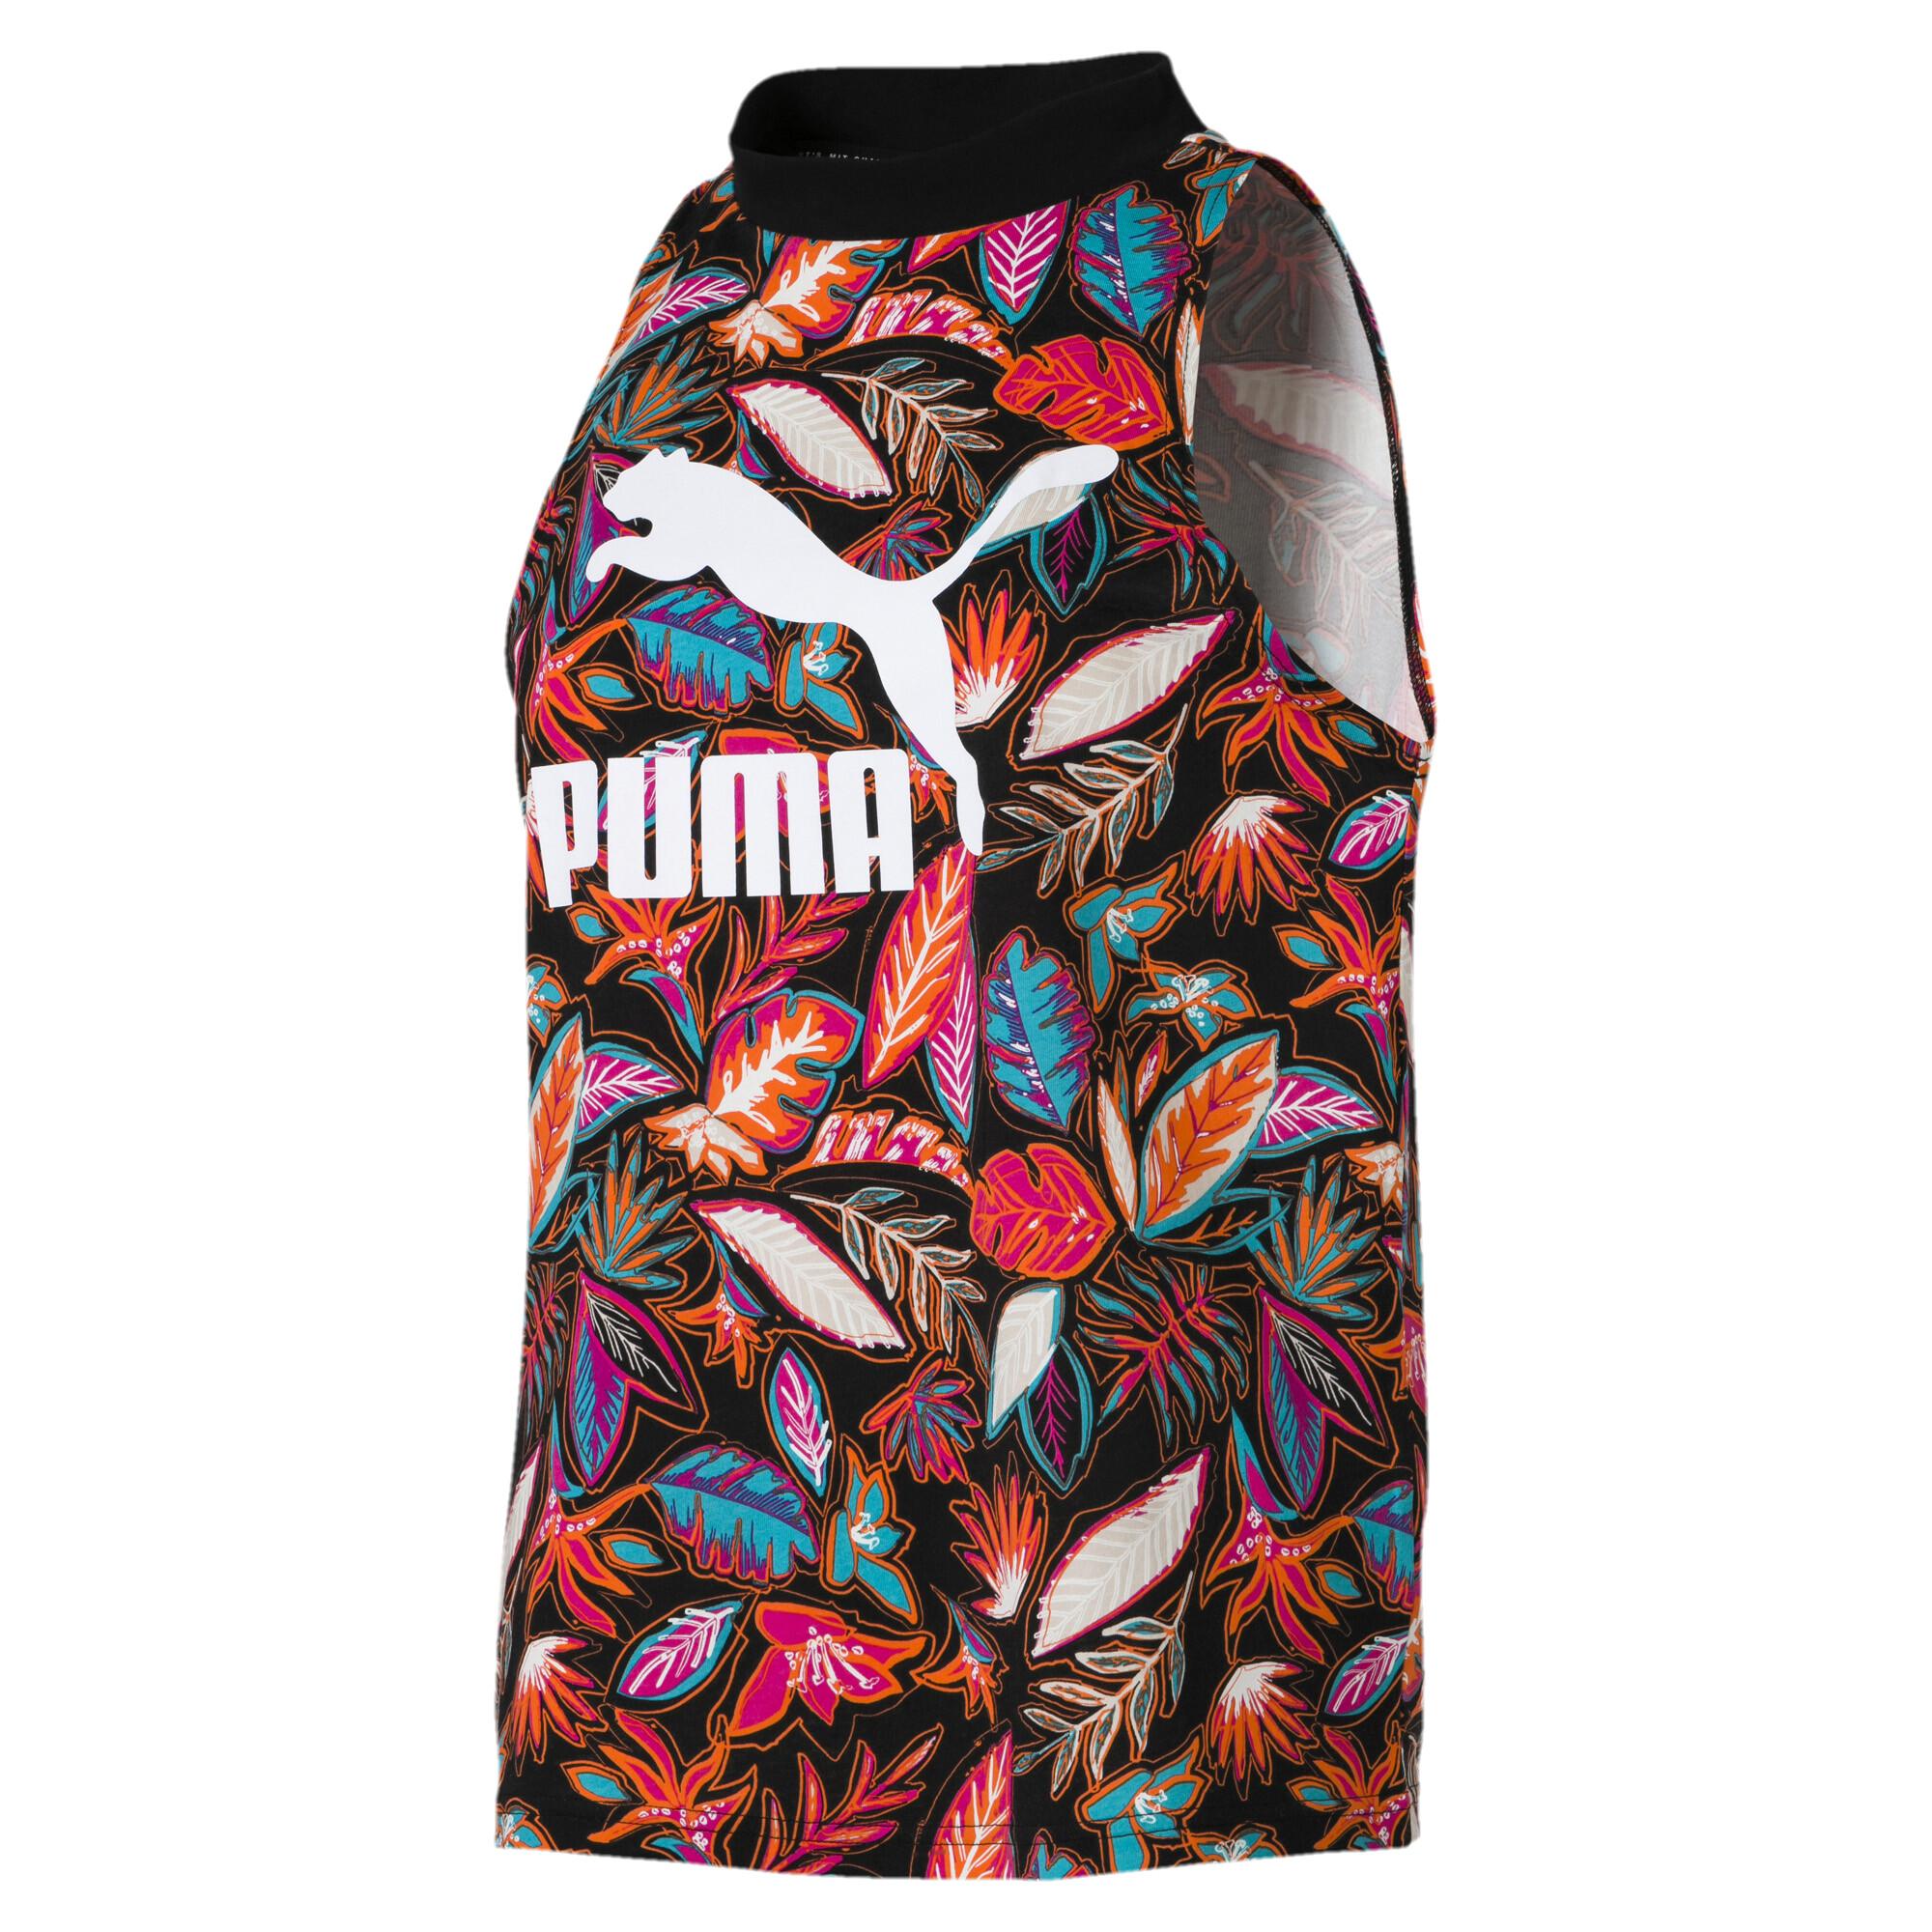 【プーマ公式通販】 プーマ CLASSICS AOP ウィメンズ タンクトップ ウィメンズ Cotton Black  PUMA.com